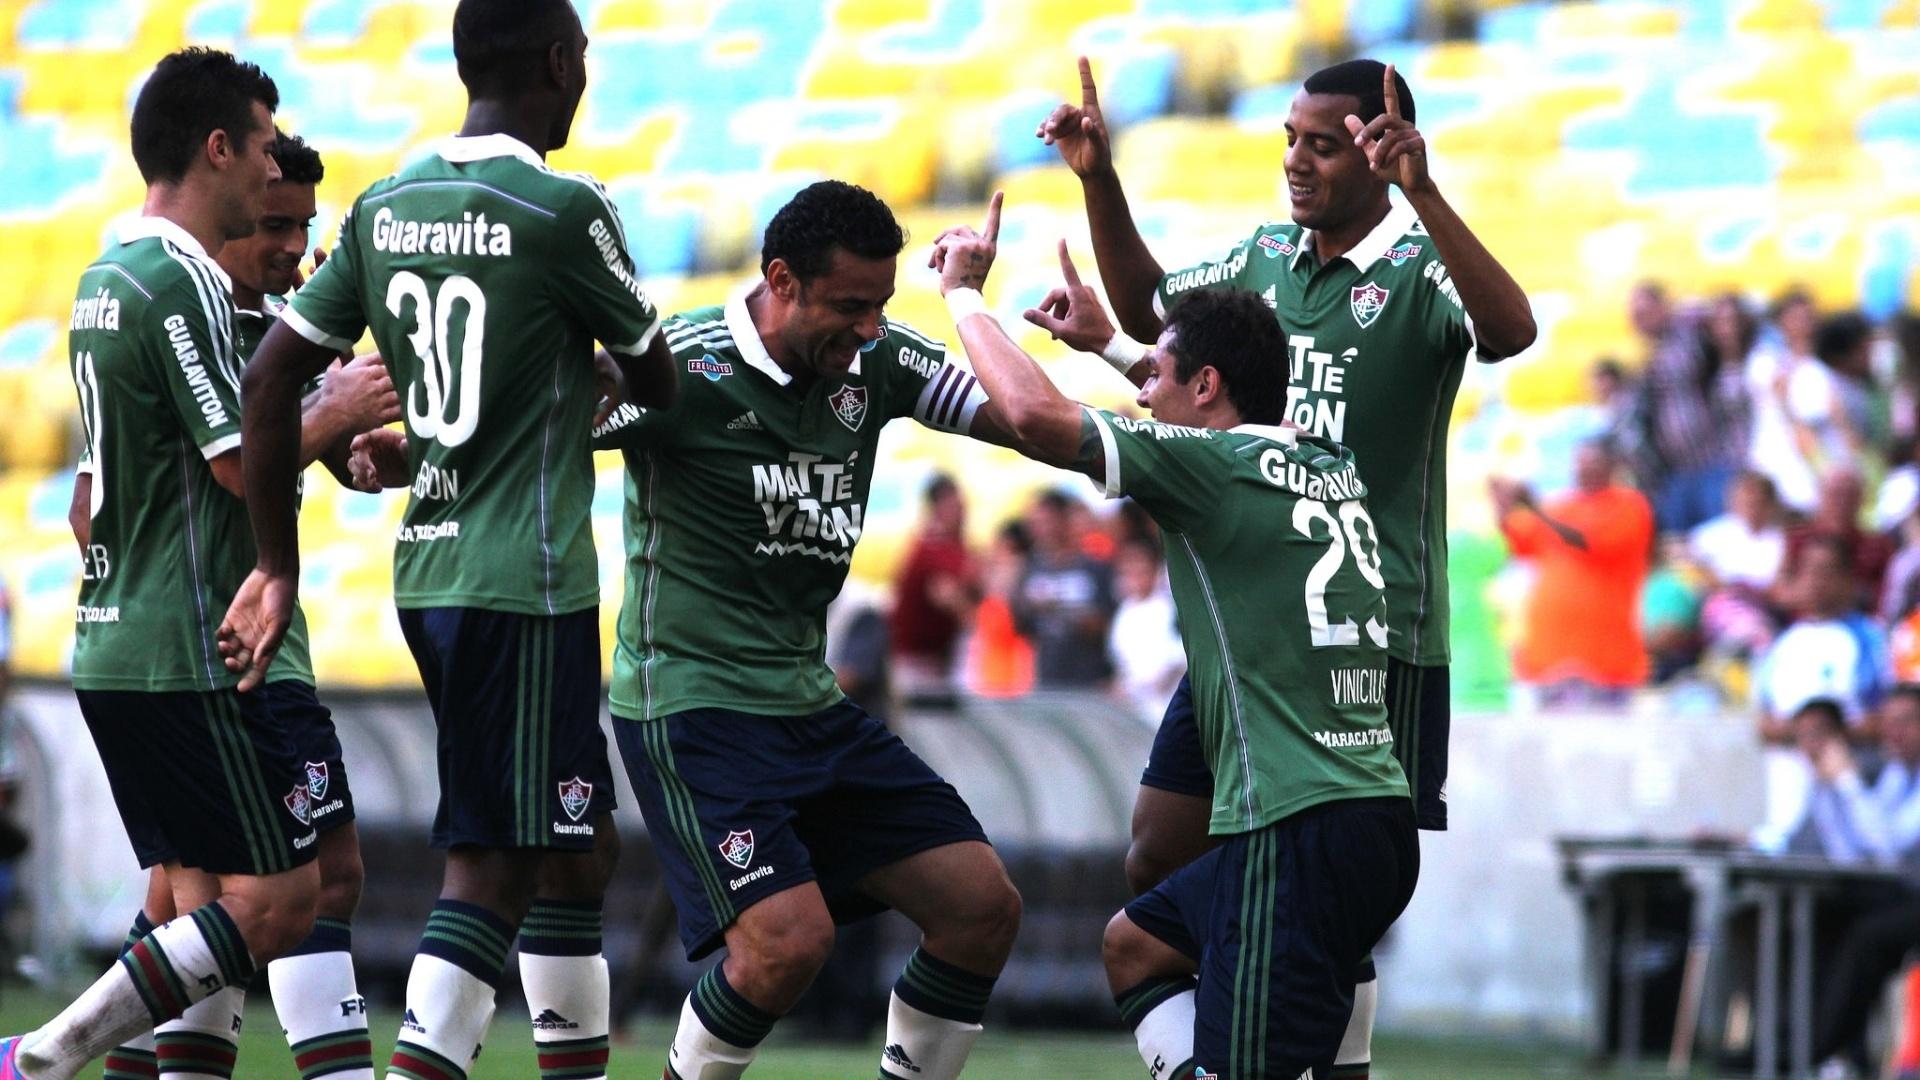 Vinicius comemora com jogadores do Fluminense, após abrir o placar para o time, em partida contra o Coritiba nesta quinta-feira (4), pelo Campeonato Brasileiro